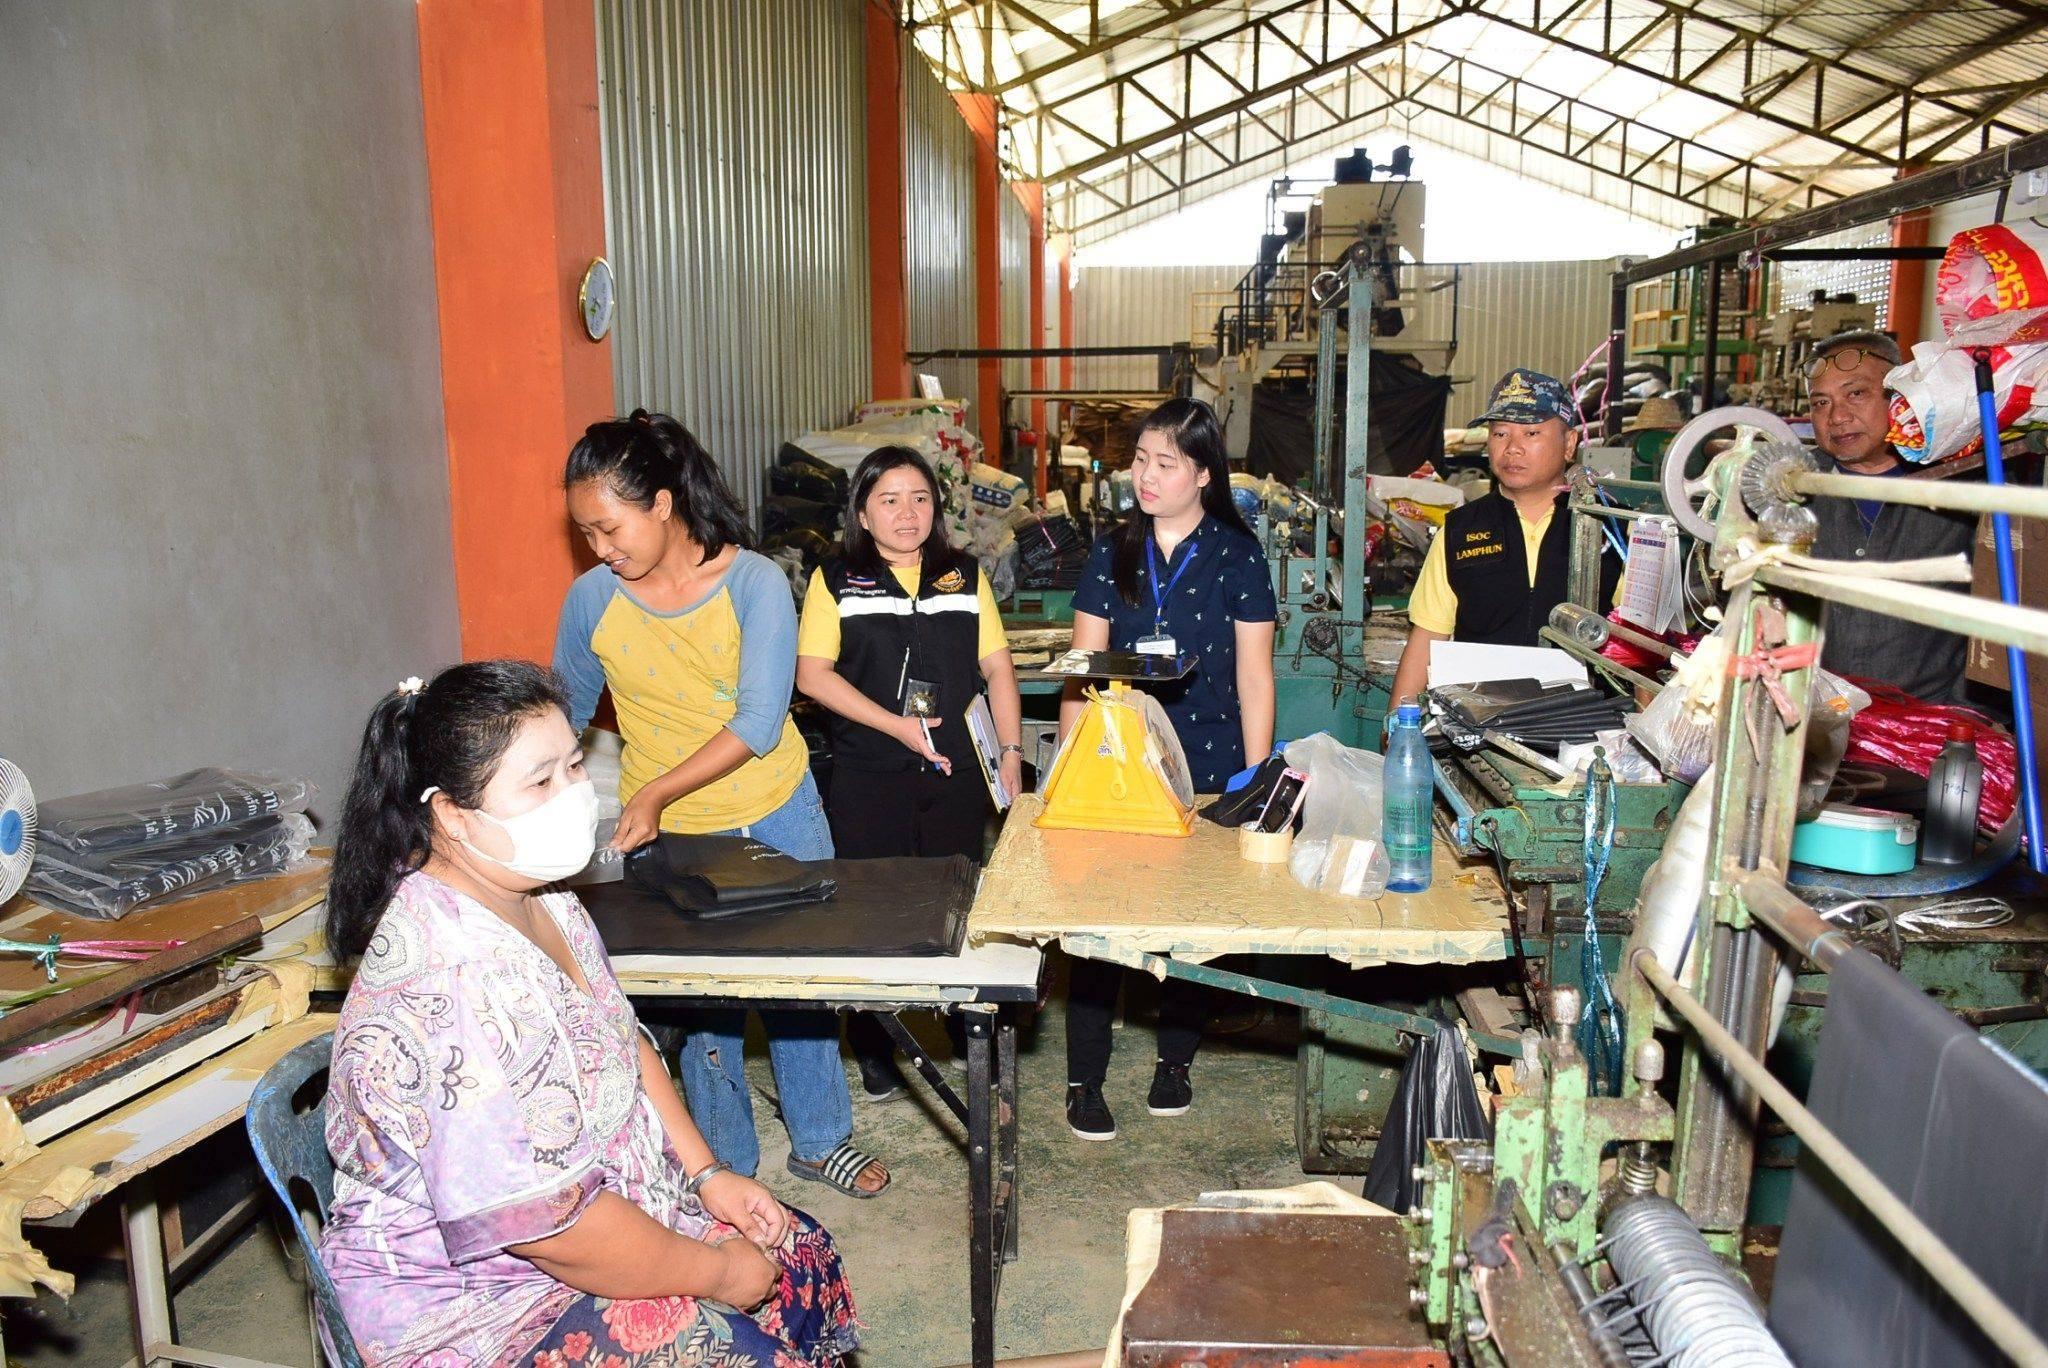 สำนักงานจัดหางานจังหวัดลำพูน บูรณาการตรวจแรงงานในสถานประกอบกิจการกลุ่มเสี่ยง